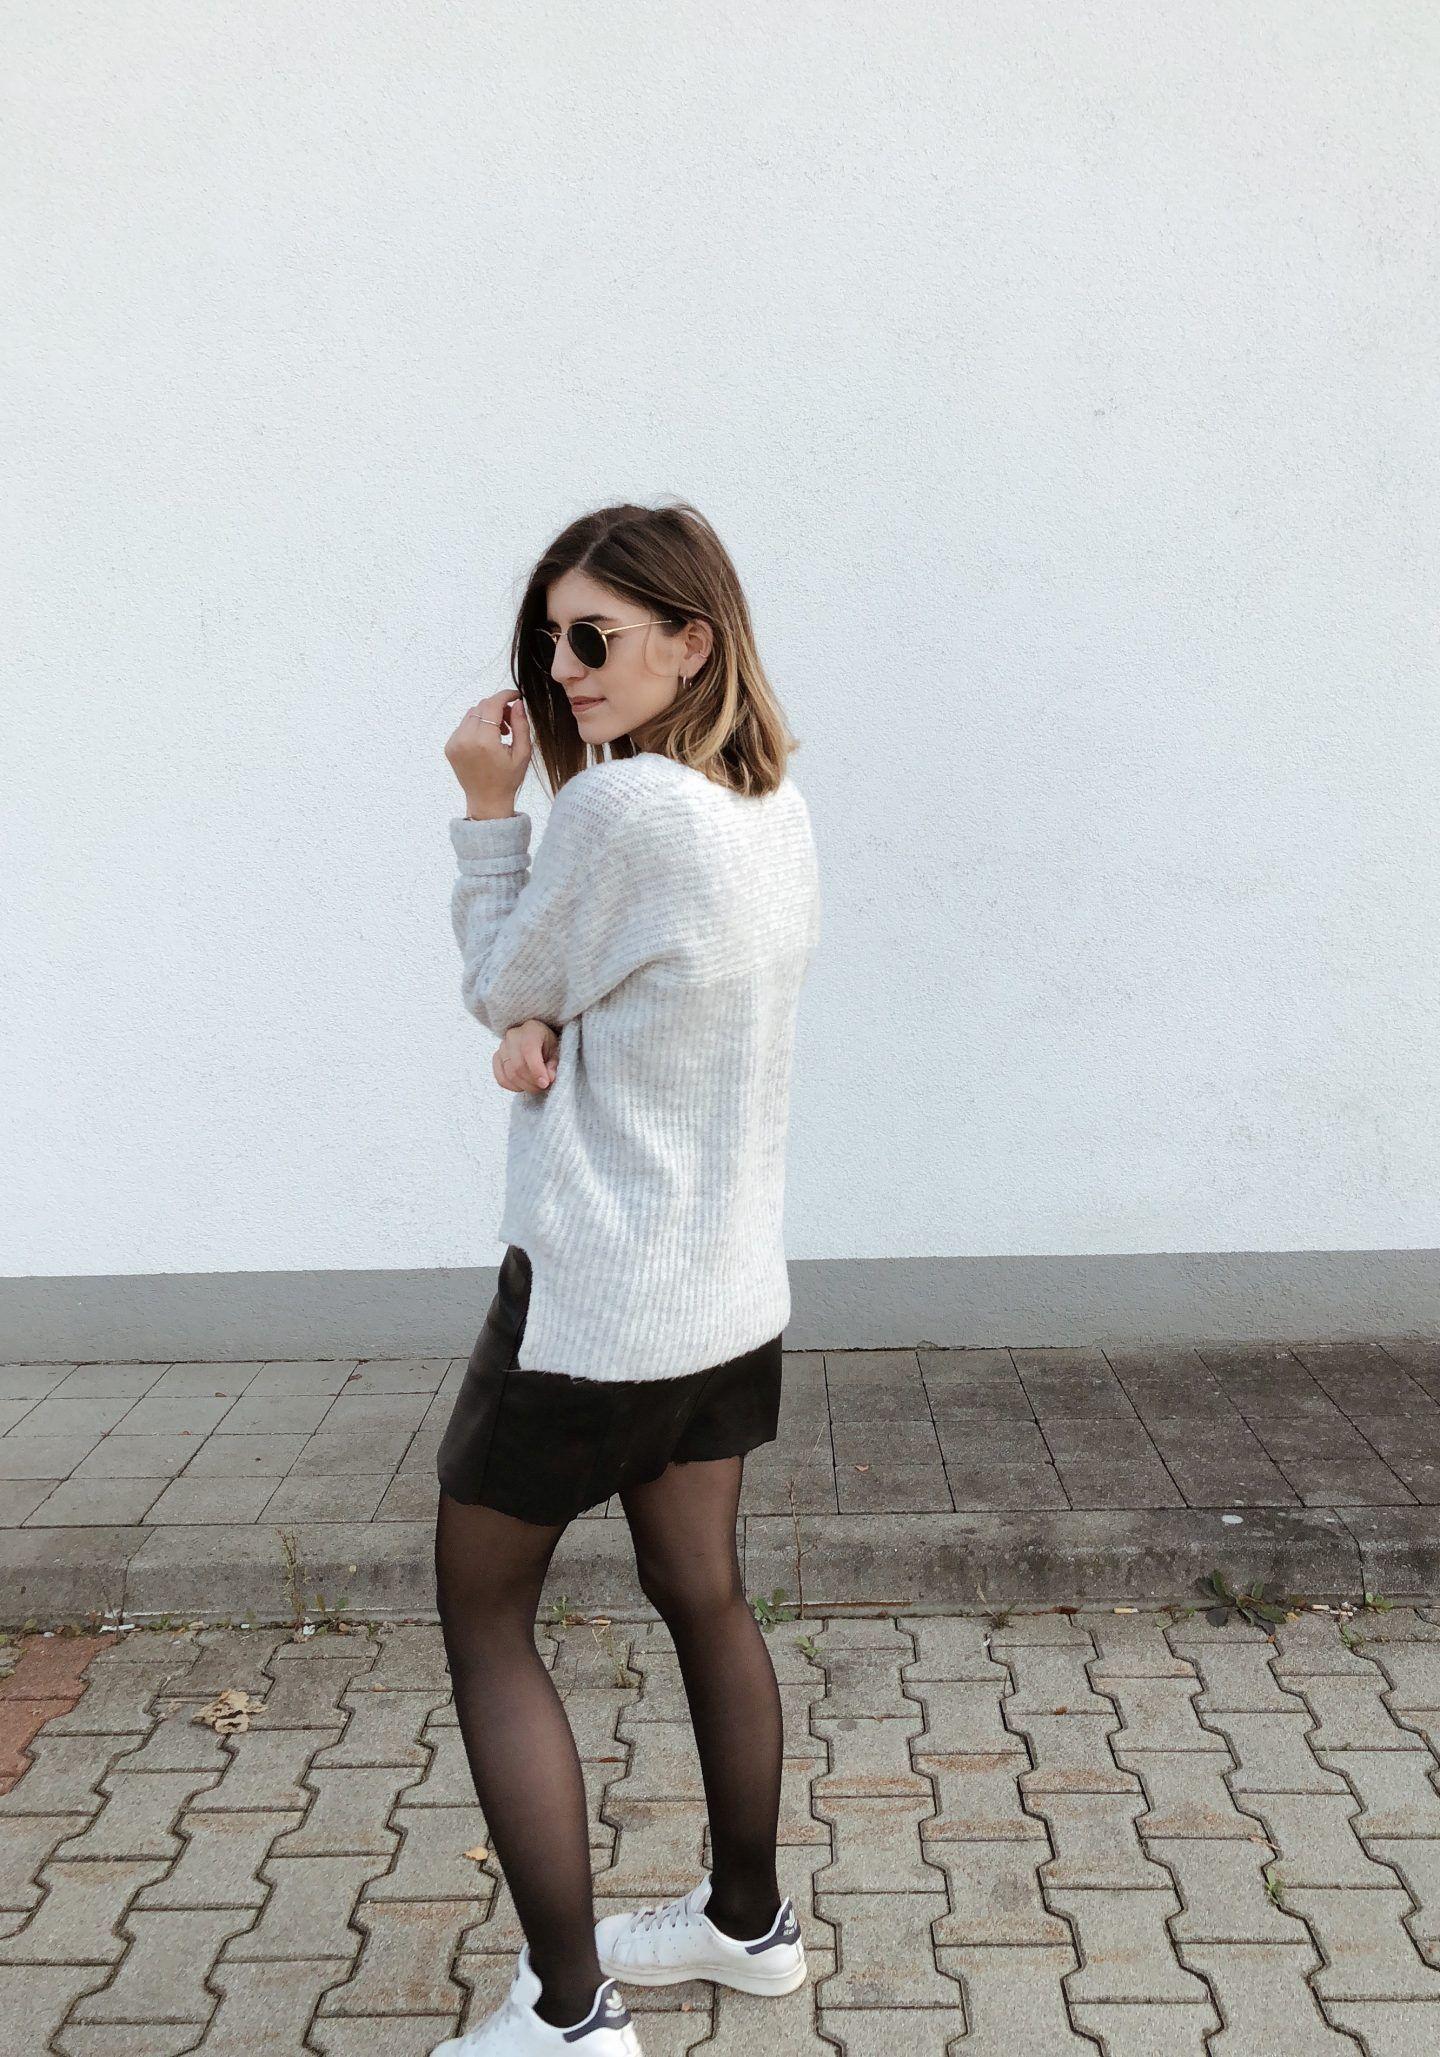 Kuschelig unterwegs! Outfit Tipps | Outfit, Strumpfhosen